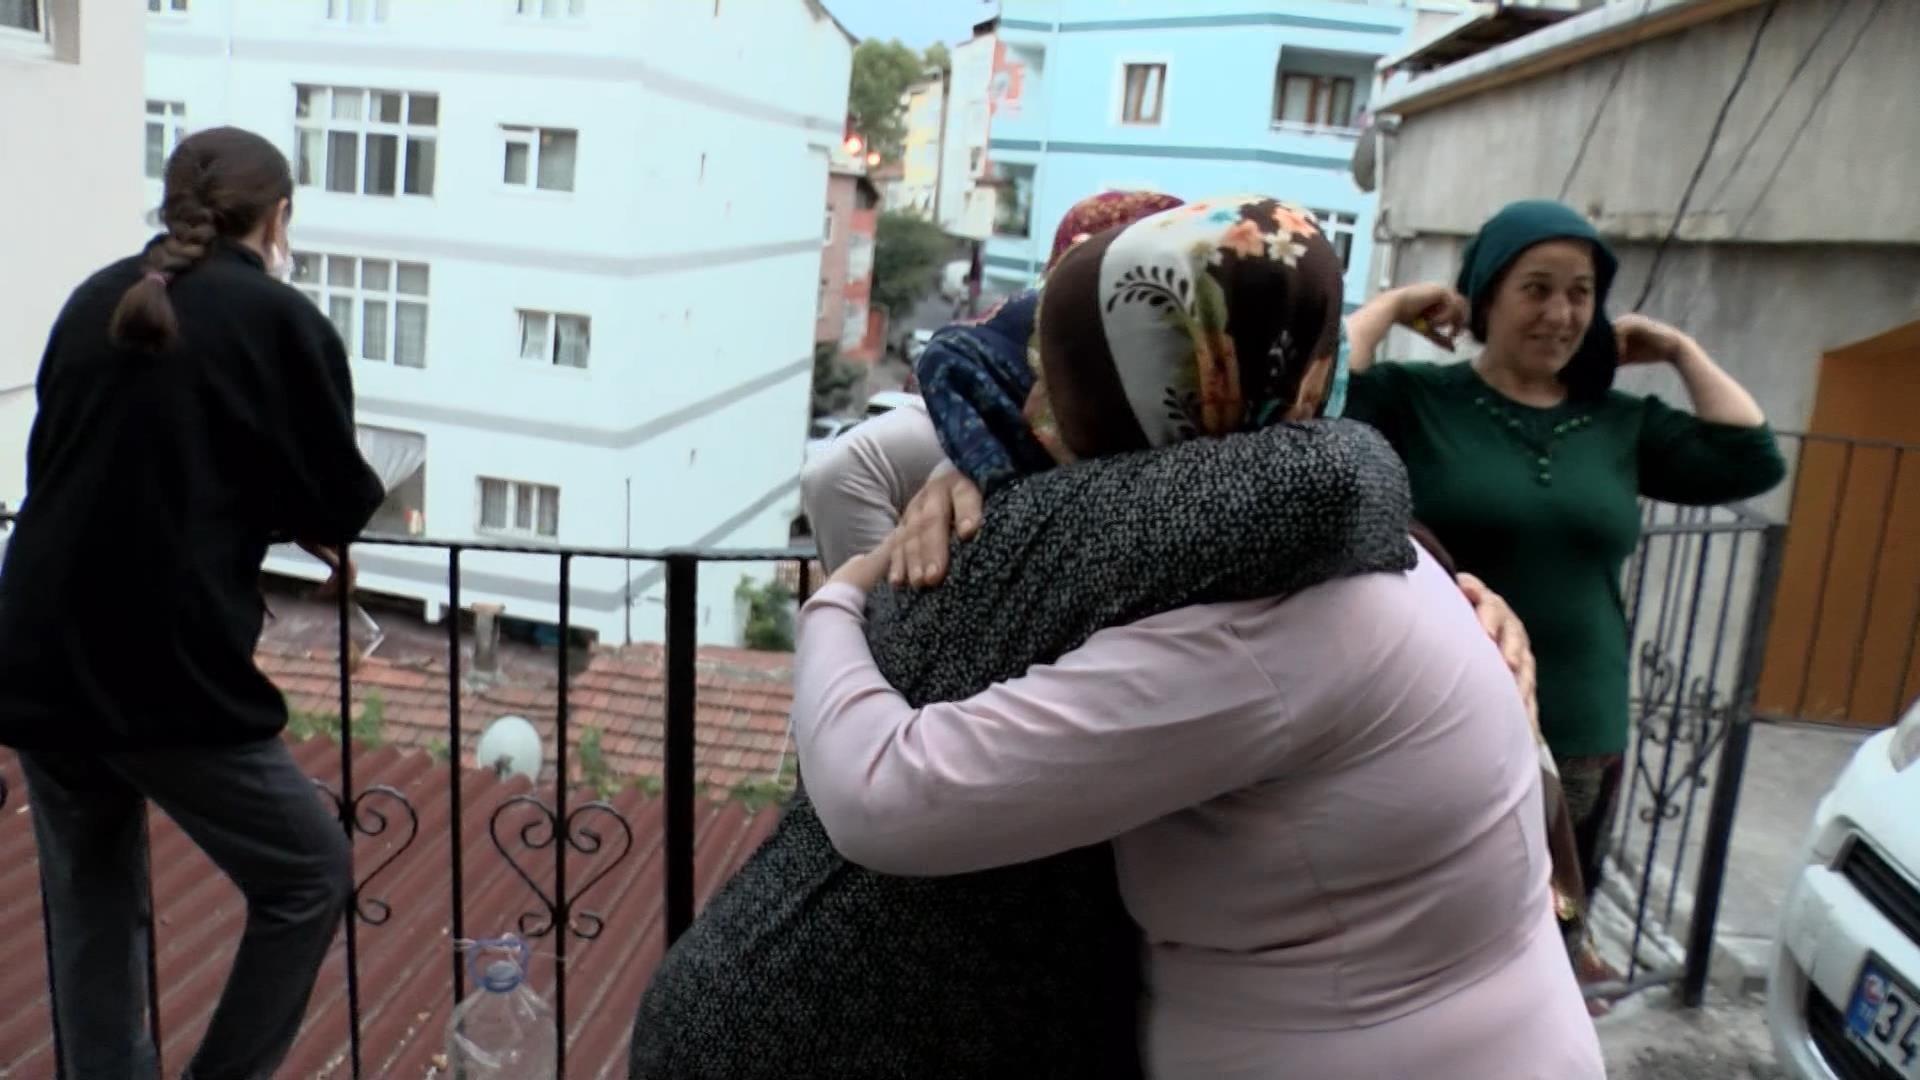 Her şey İstanbul'un göbeğinde yaşanmıştı... Akılalmaz olayda flaş gelişme! Kurtarılan kadından ilk sözler